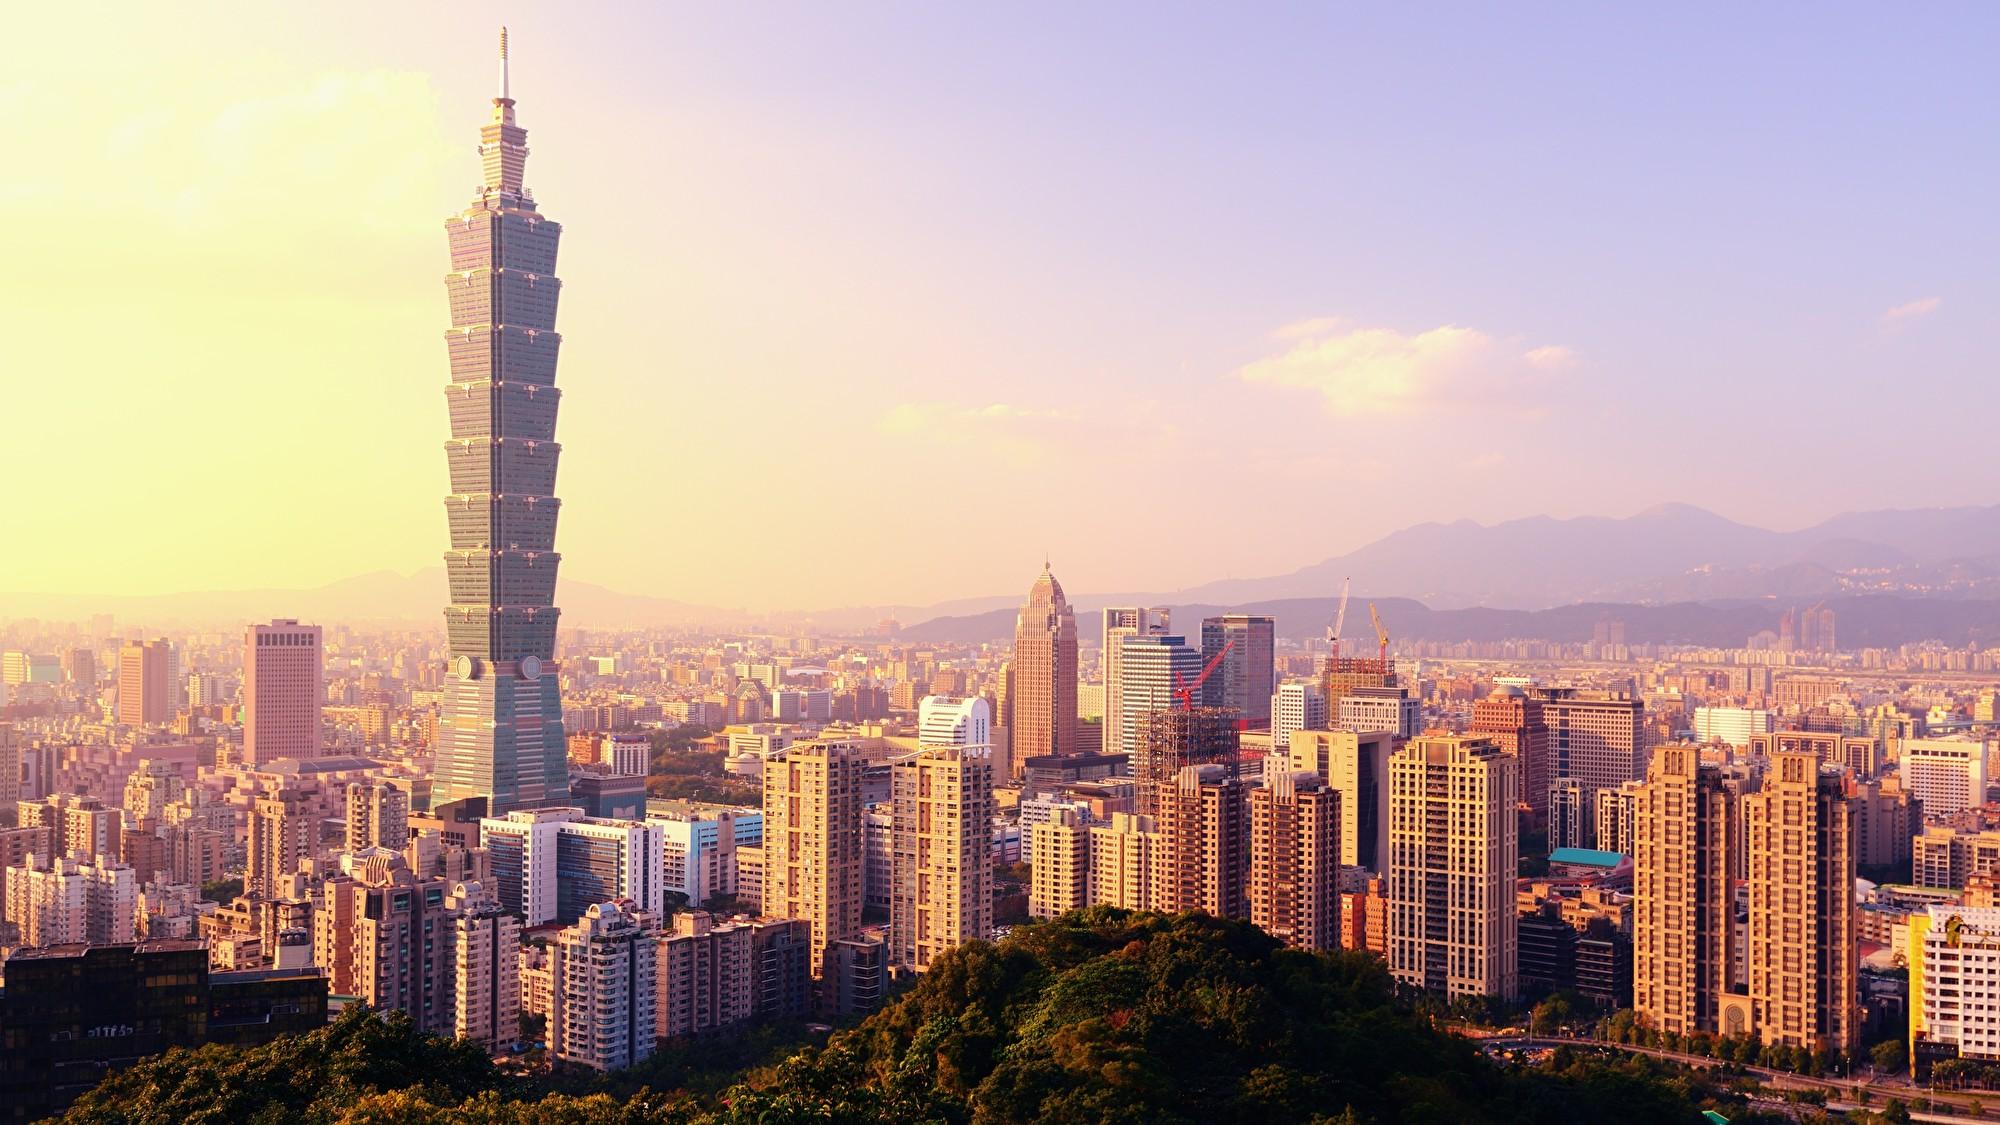 近年來,港人移居台灣的數量增加。政治氣氛和生活壓力是主要原因。(Fotolia)